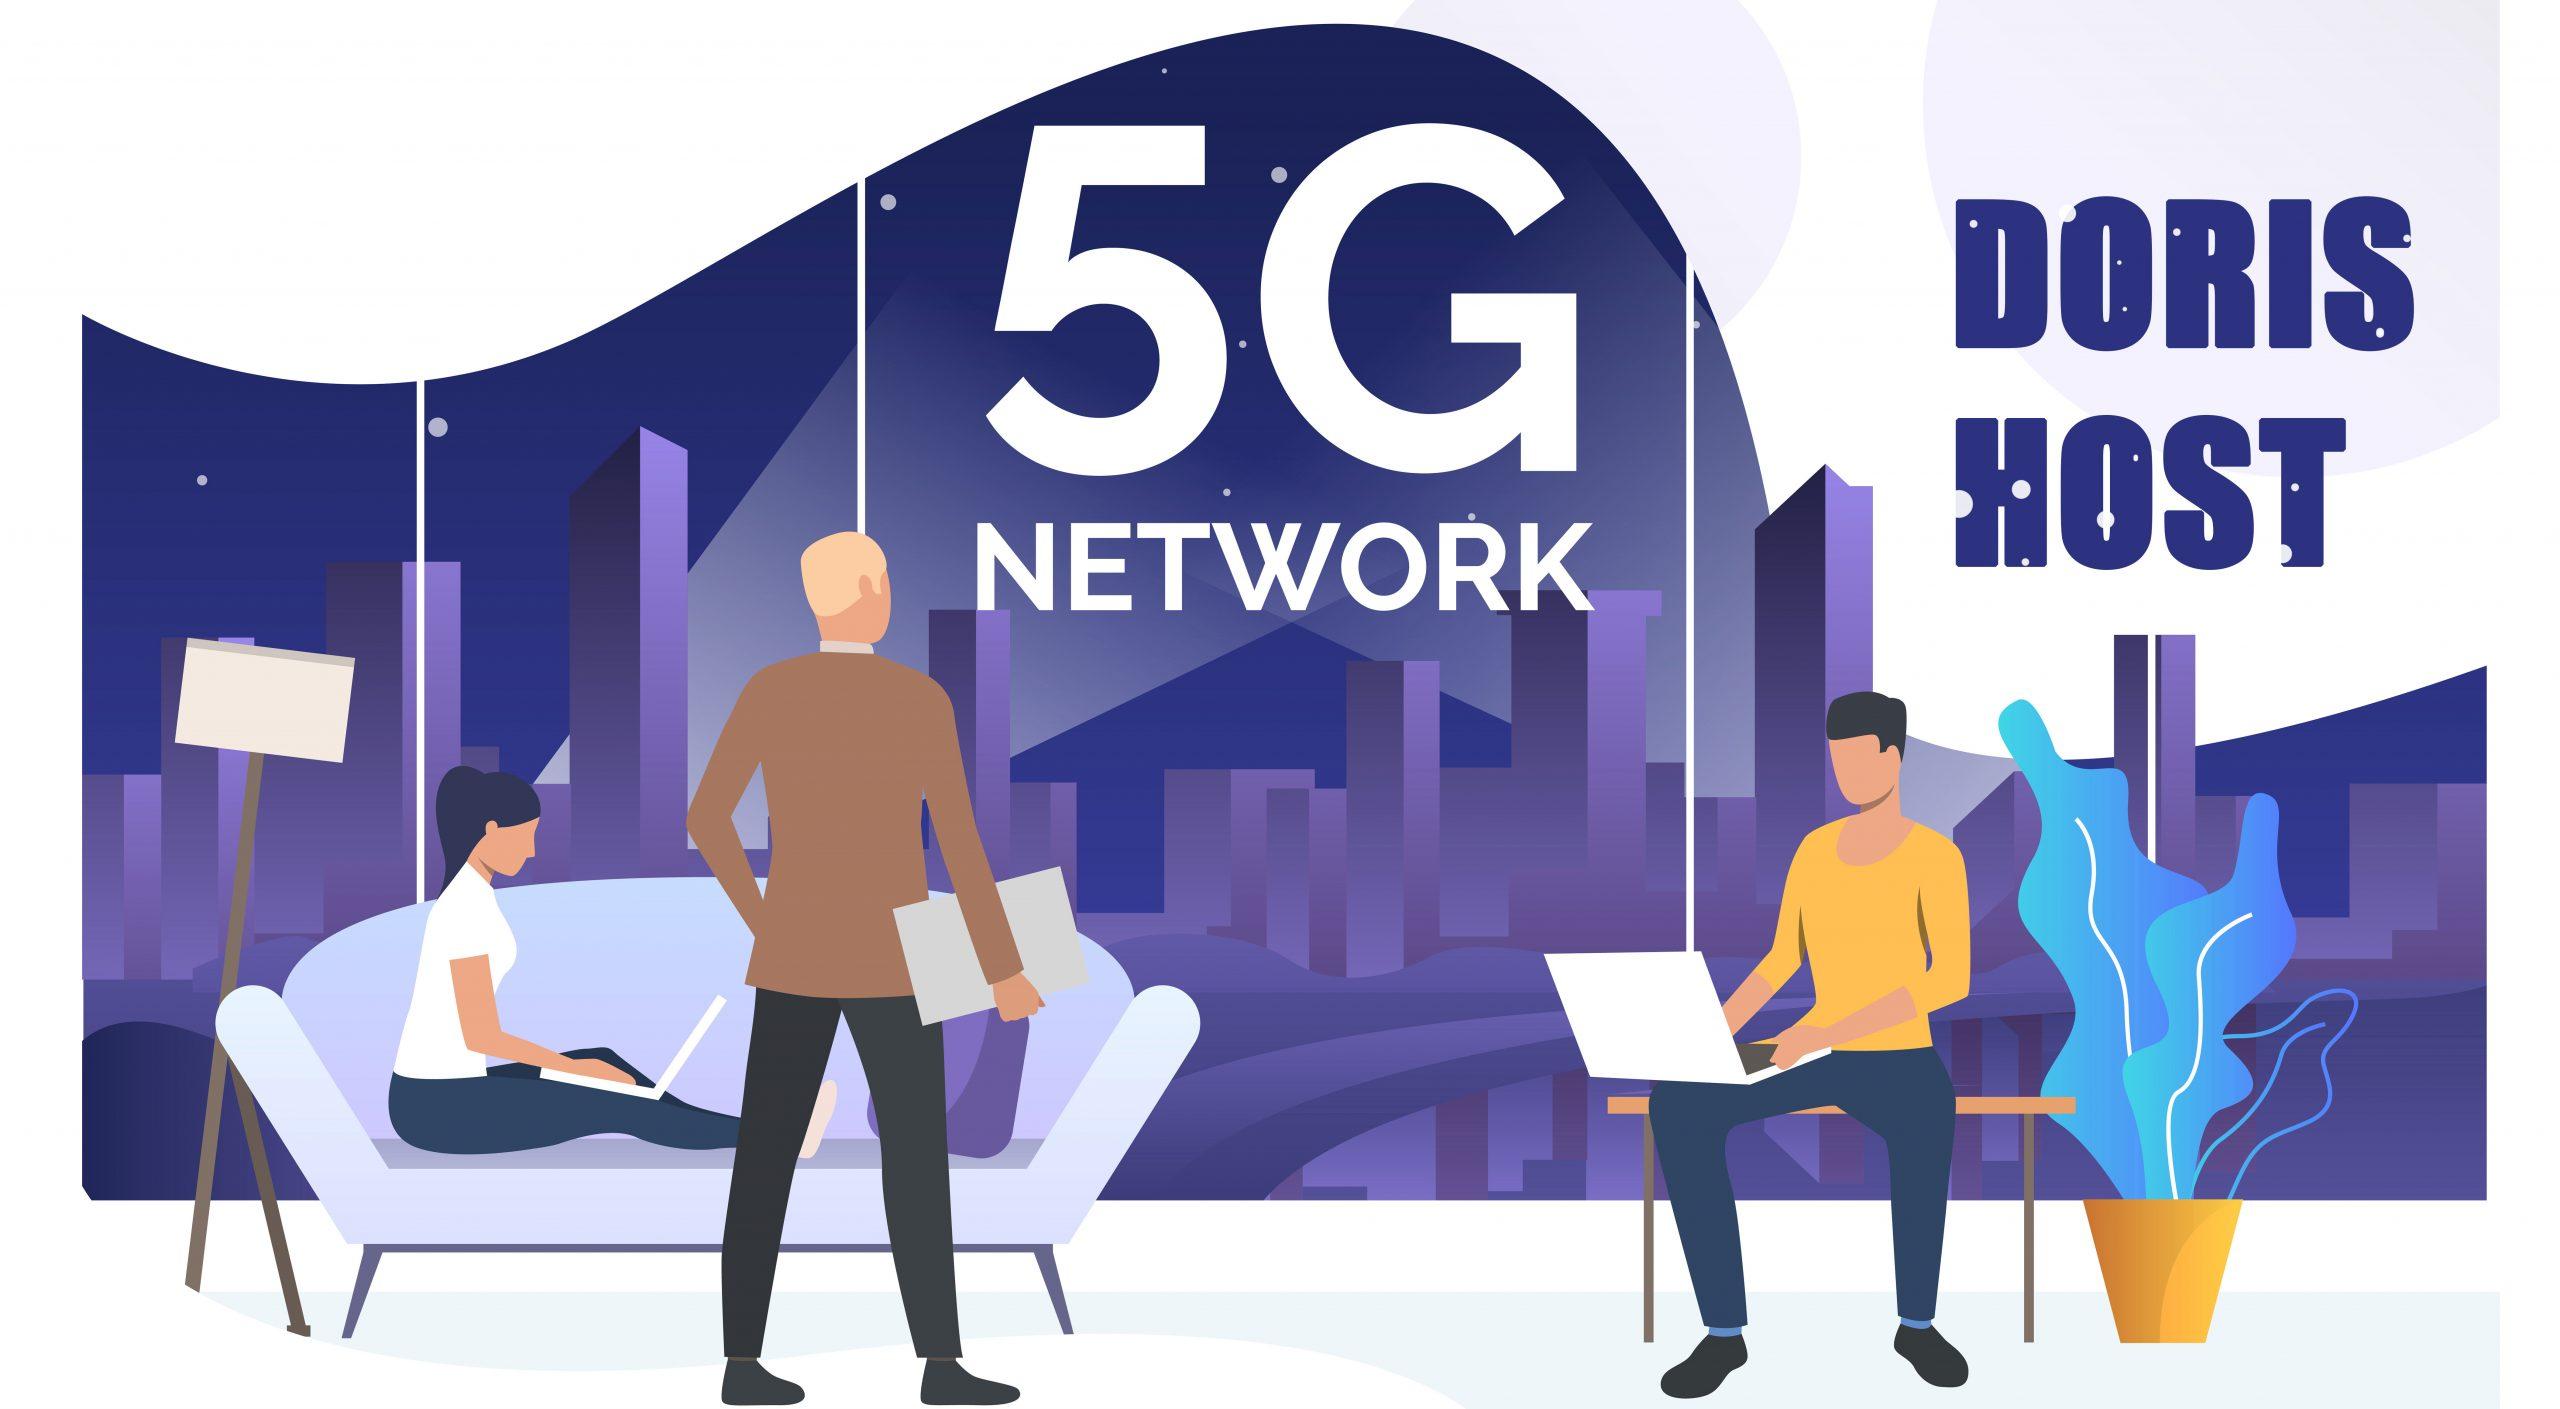 تکنولوژی ۵G چیست؟